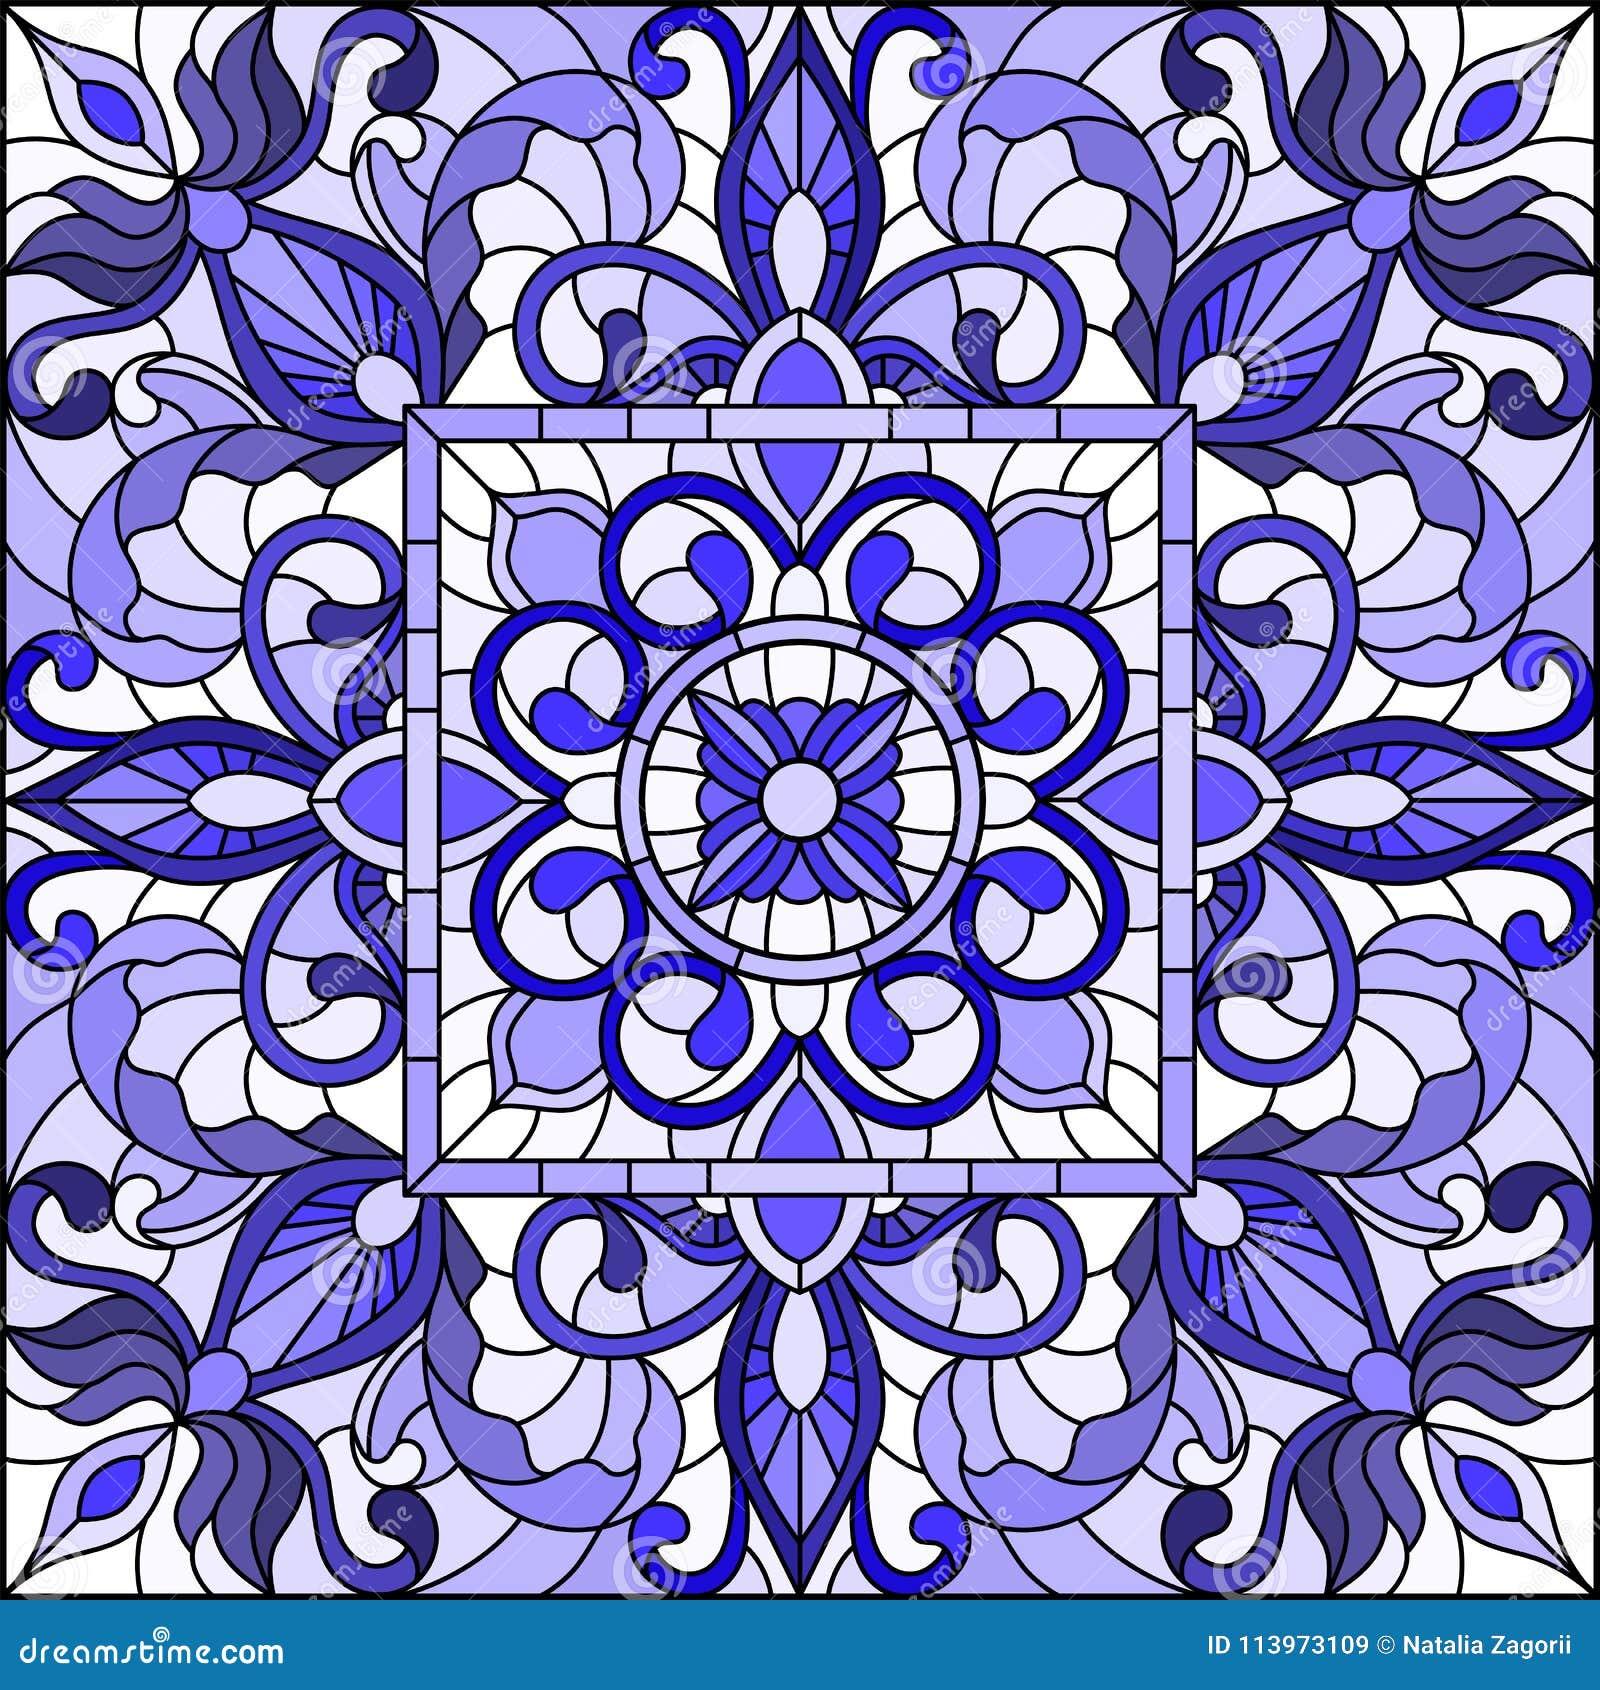 De gebrandschilderd glasillustratie met samenvatting wervelt en gaat op een lichte achtergrond, vierkant beeld, gammablauw weg